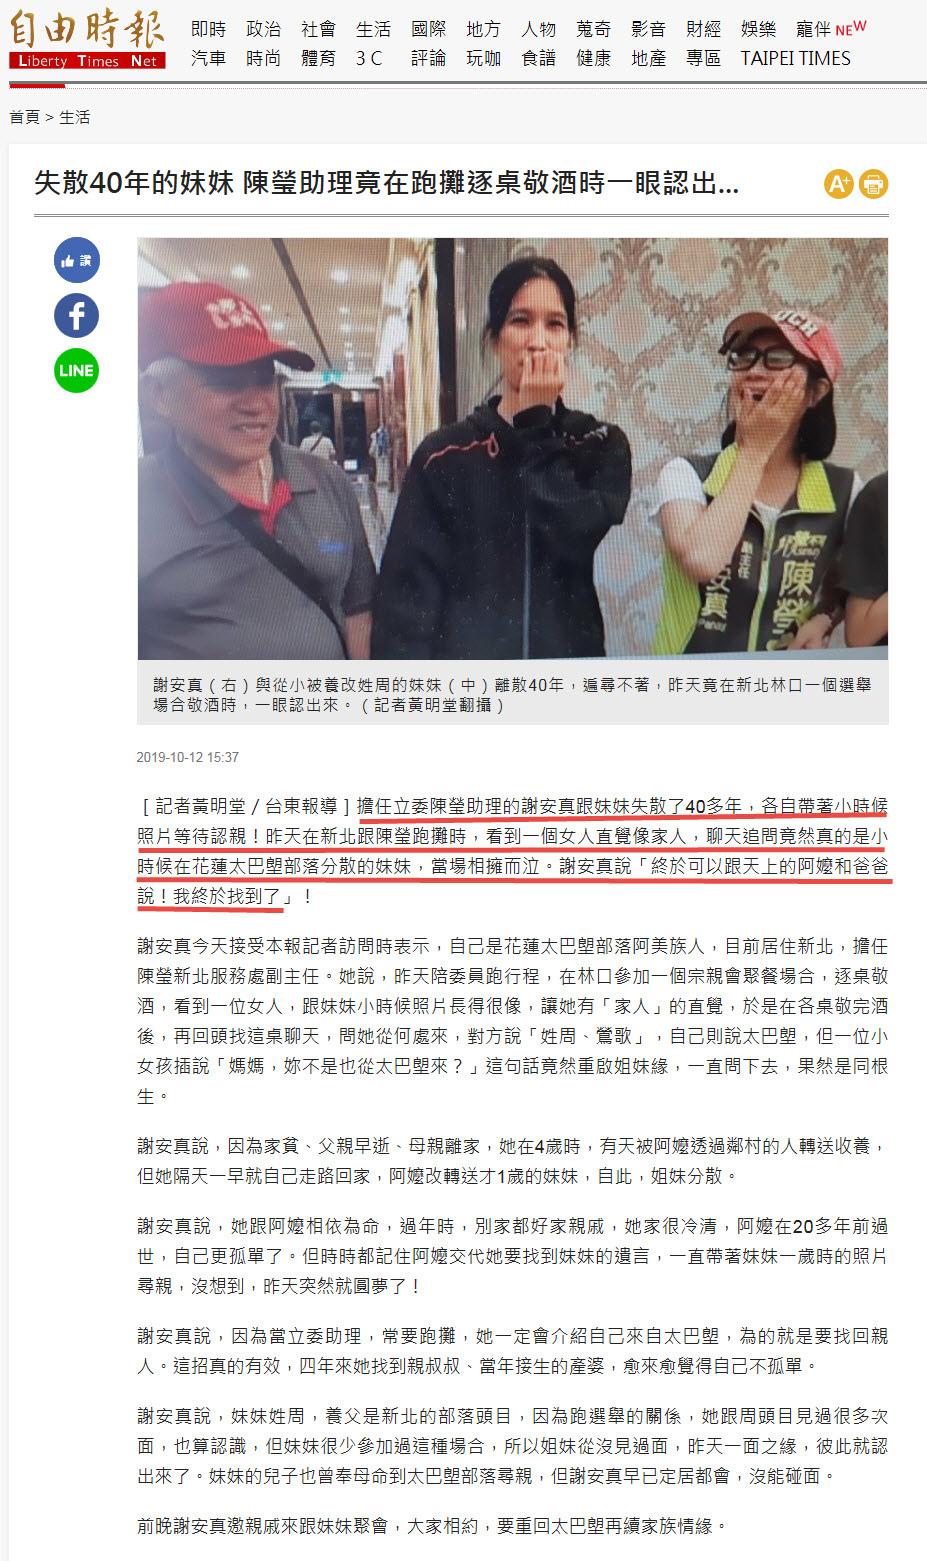 失散40年的妹妹 陳瑩助理竟在跑攤逐桌敬酒時一眼認出... -2019.10.12.jpg